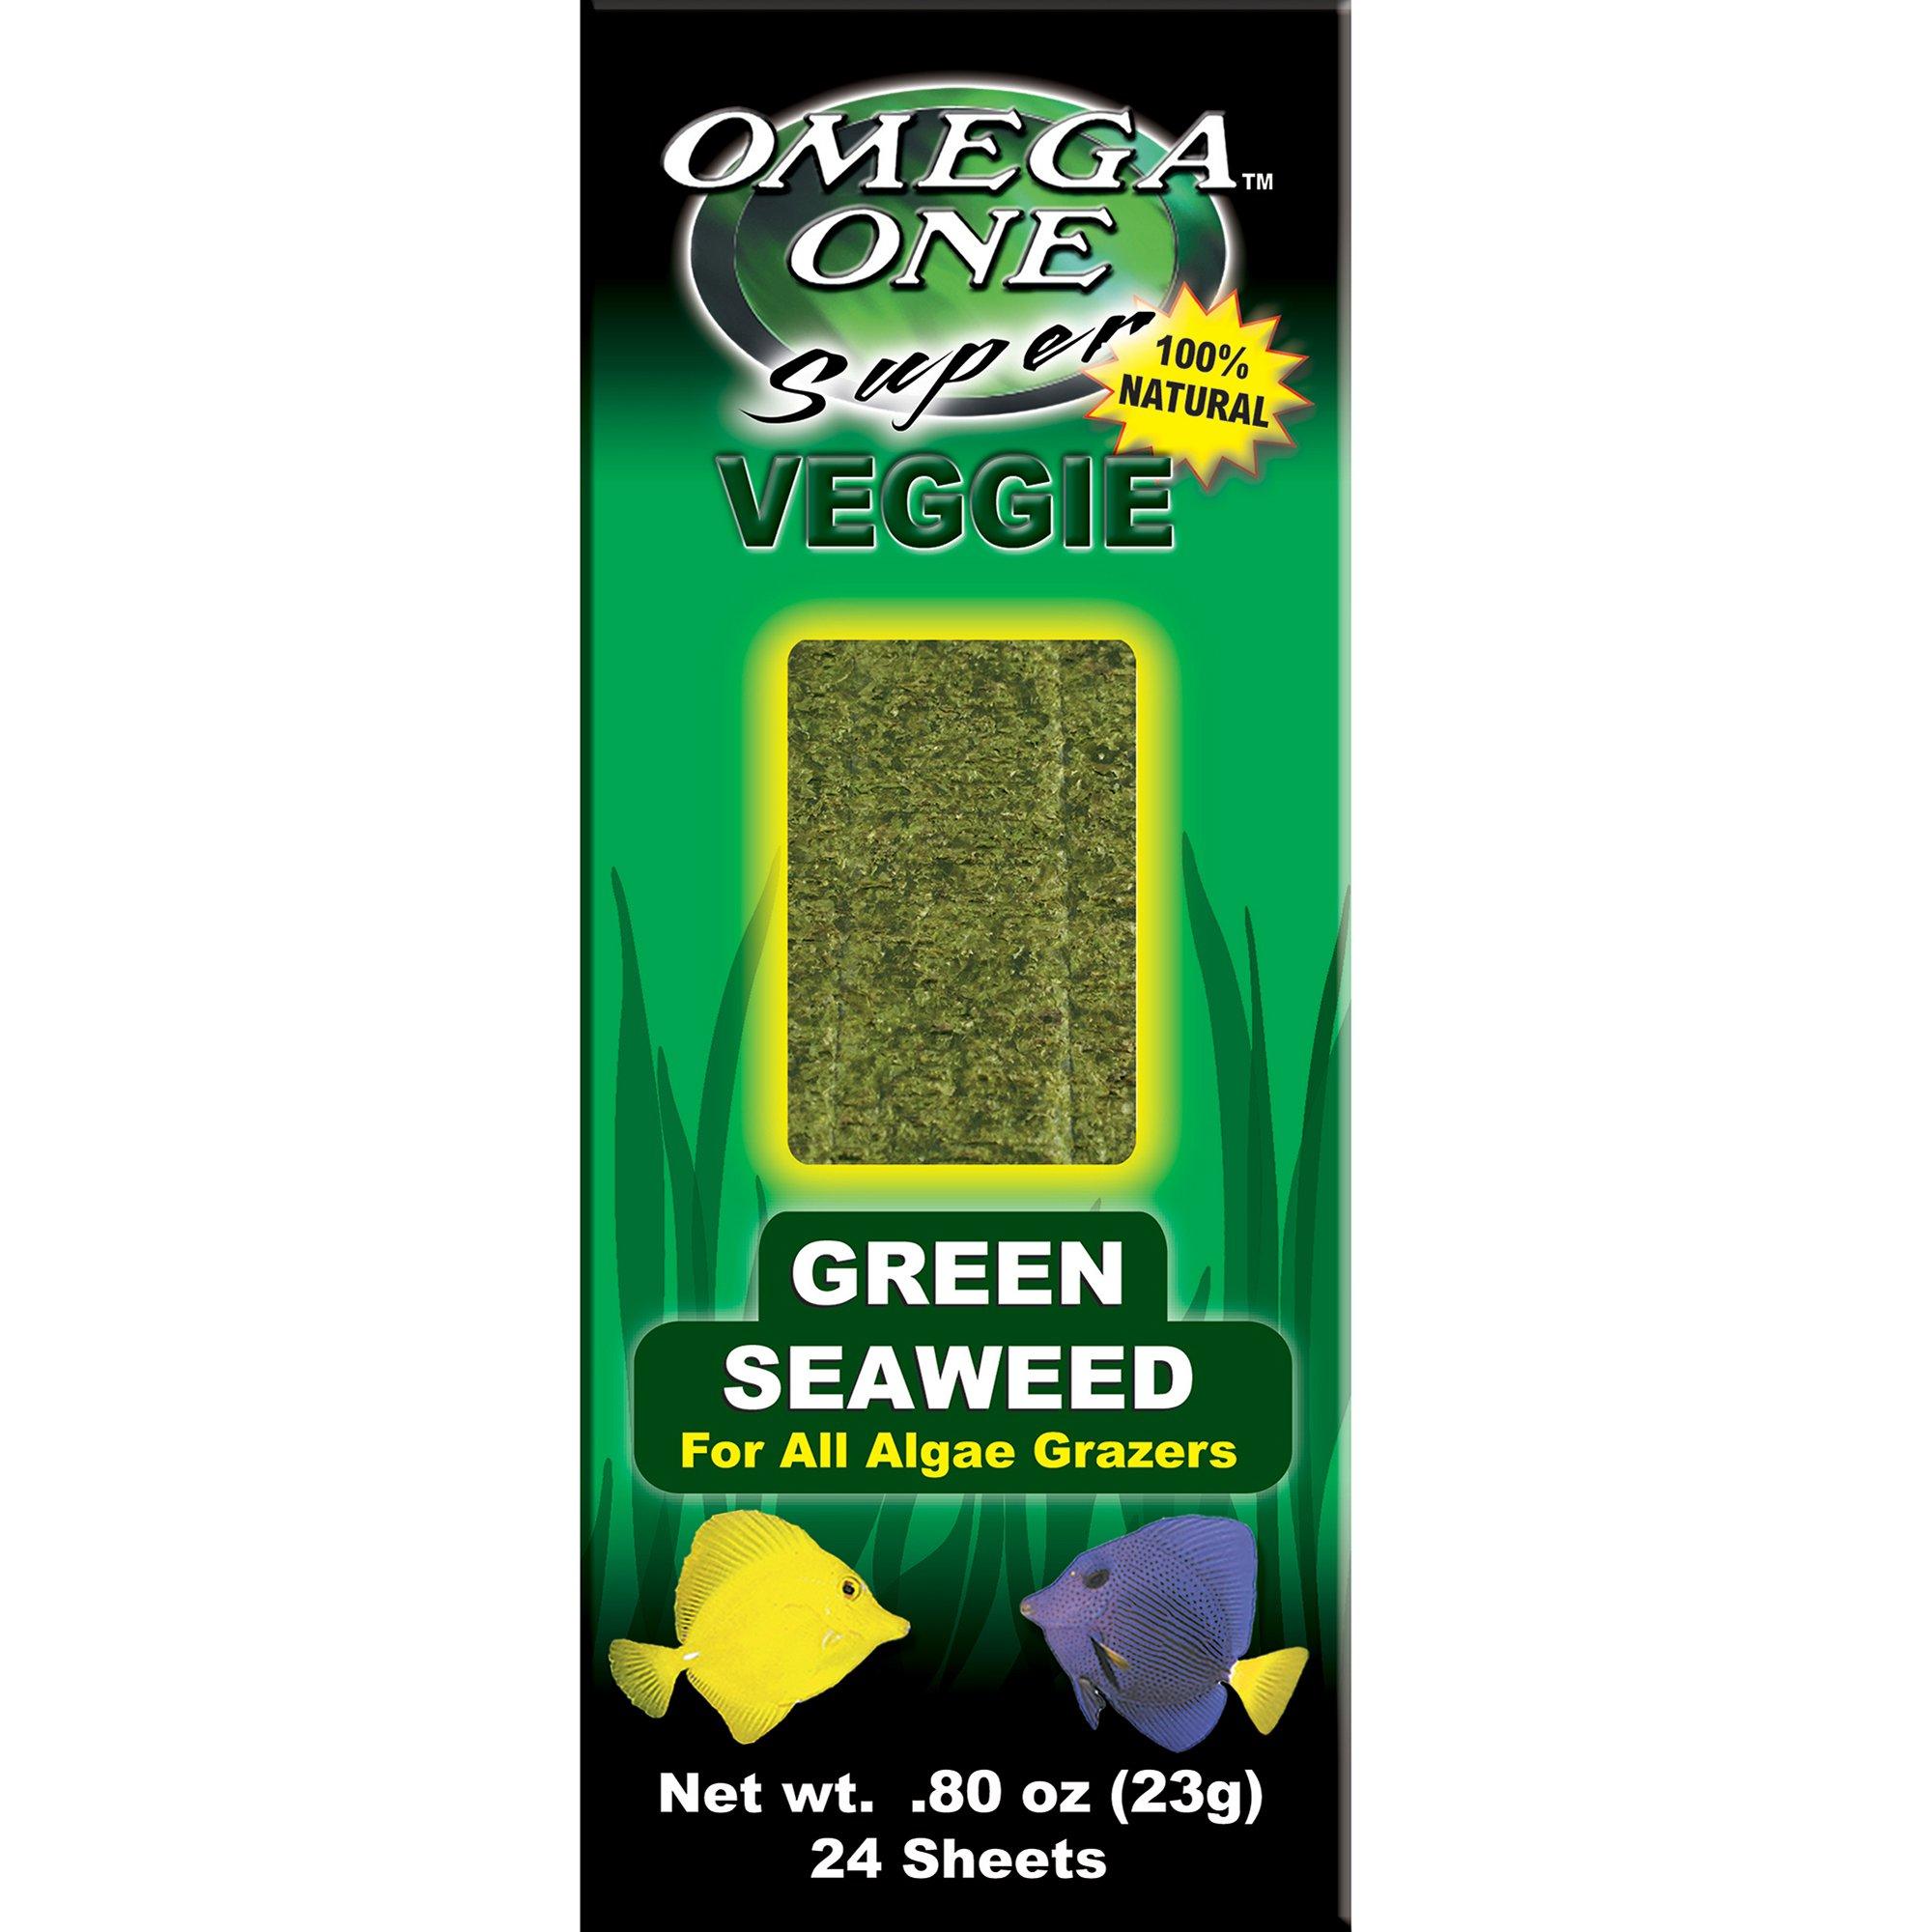 Omega One Super Veggie Green Seaweed